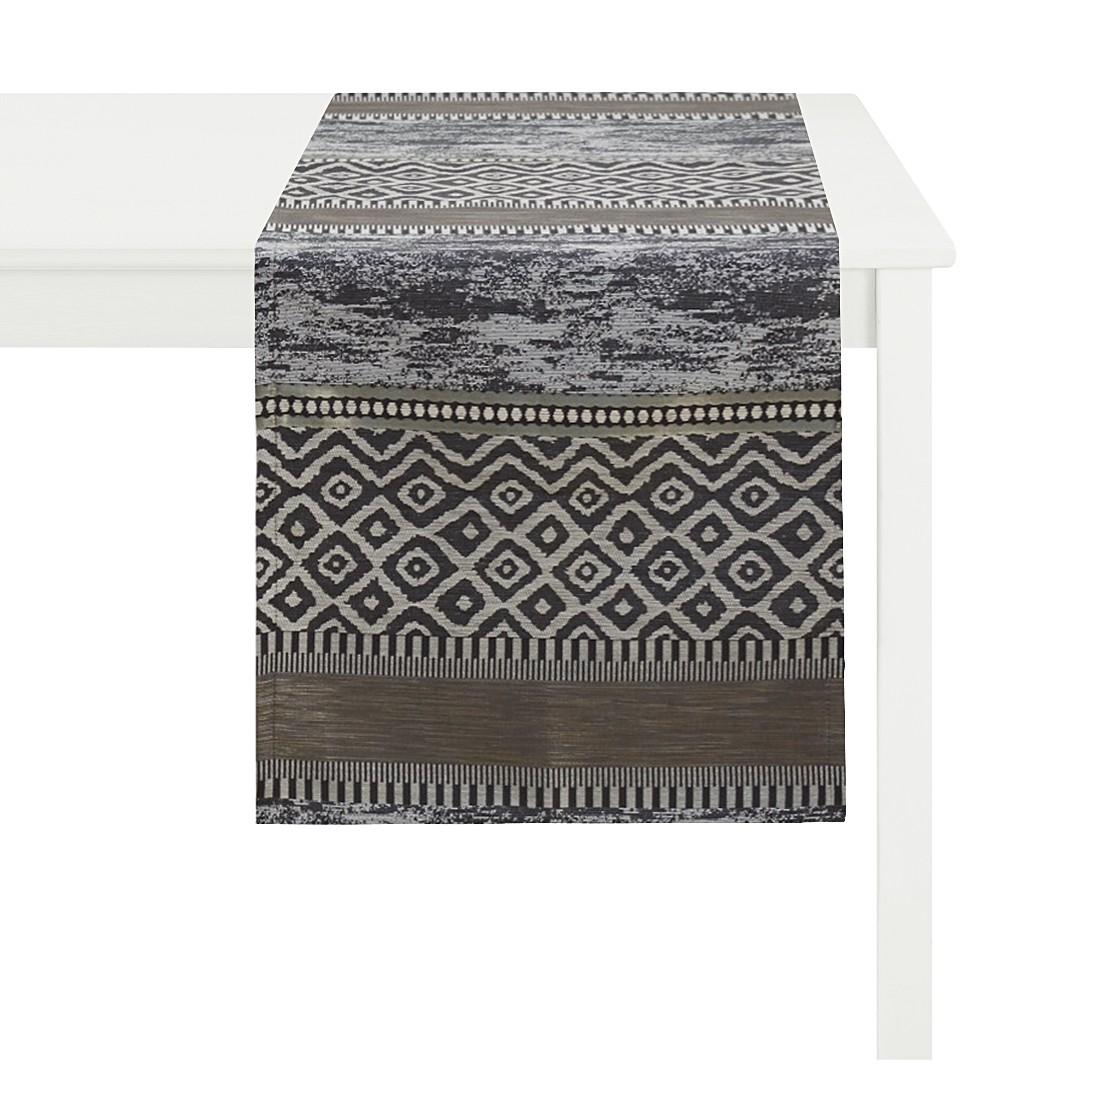 Tischläufer Kitami – Braun, Apelt kaufen